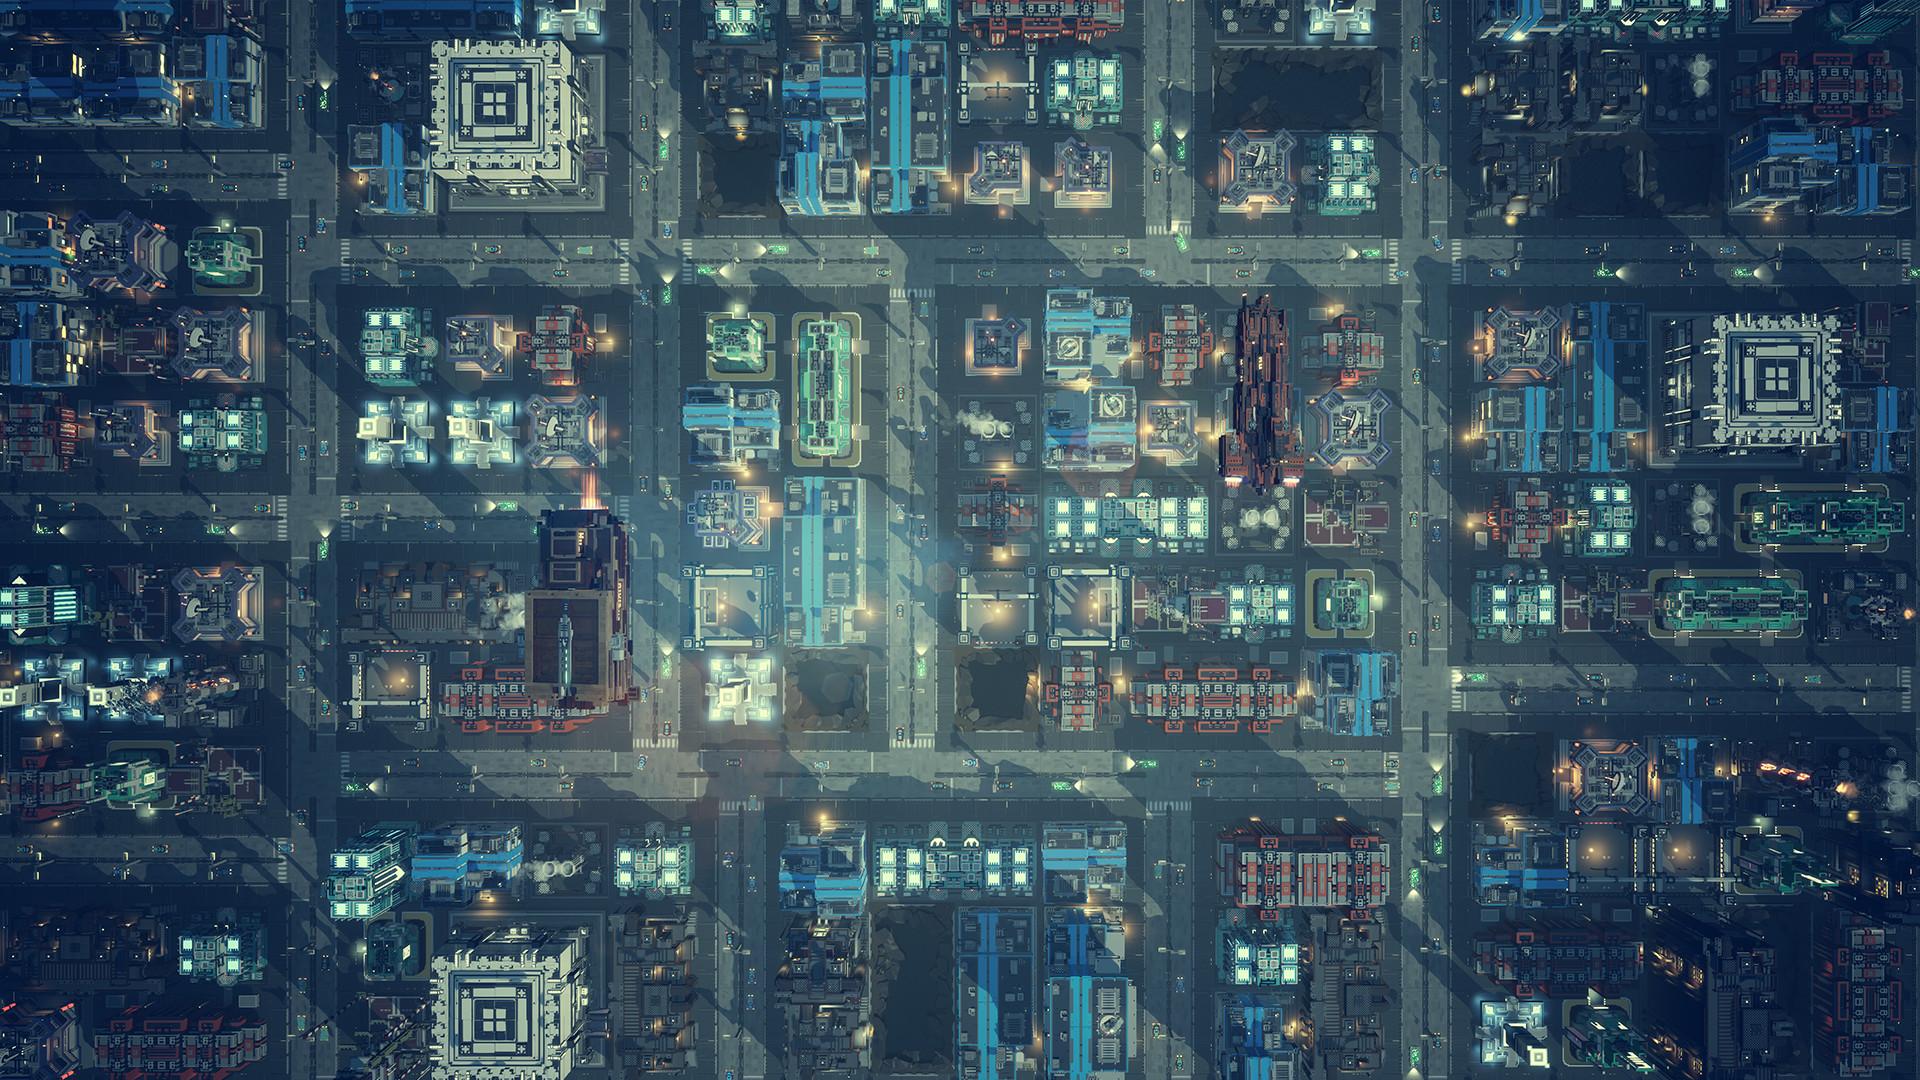 泰坦工业 免安装绿色中文版